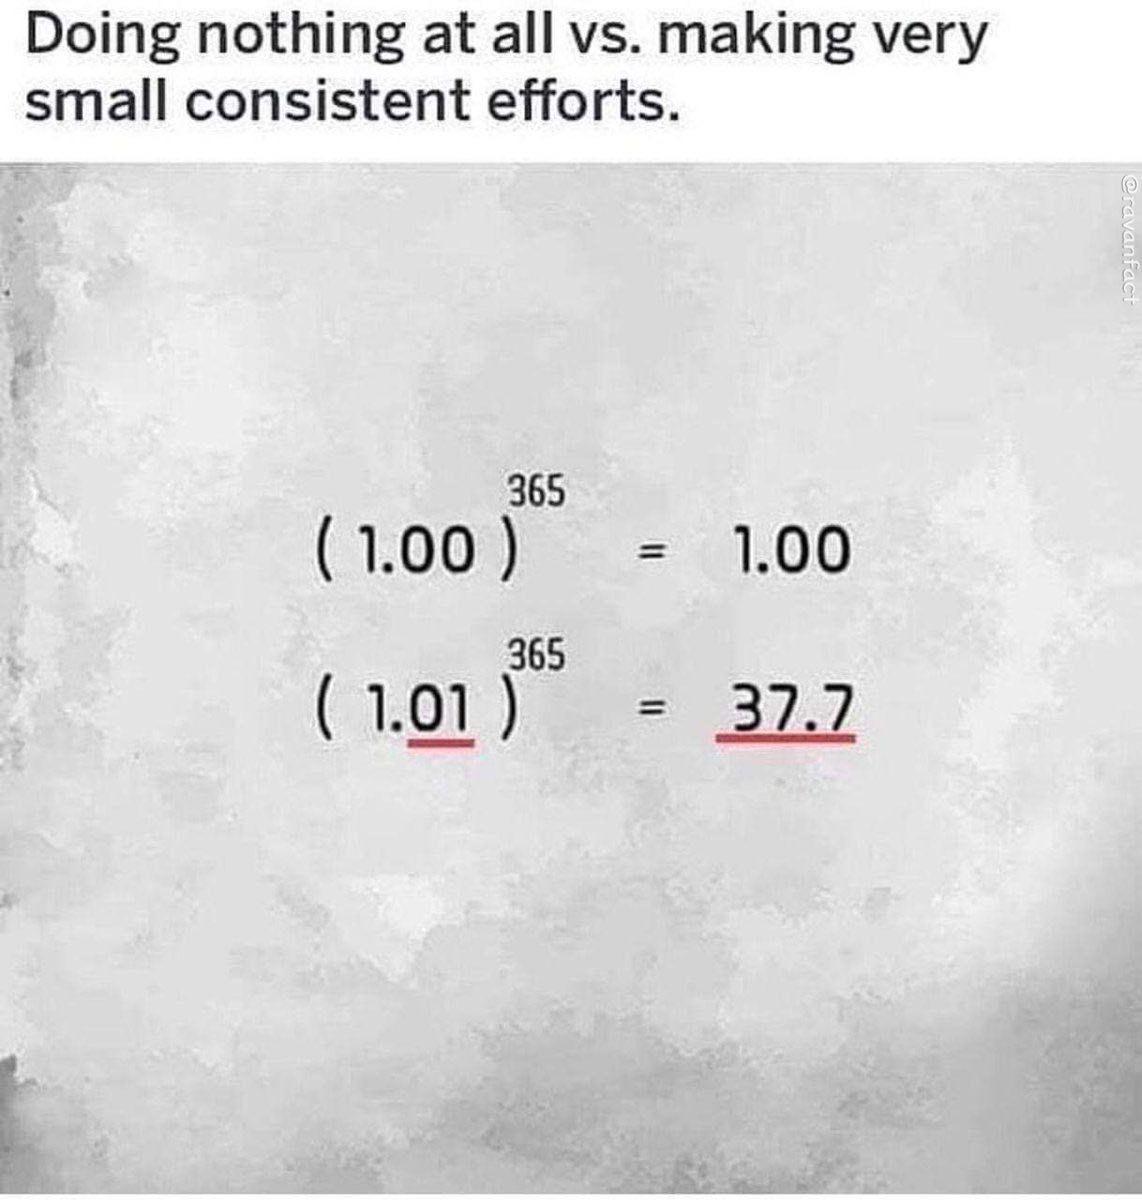 """تفاوت """"هیچ کاری نکردن"""" و """"یک کار خیلی کوچک را یک سال هر روز تکرارکردن"""" به زبان ریاضی"""